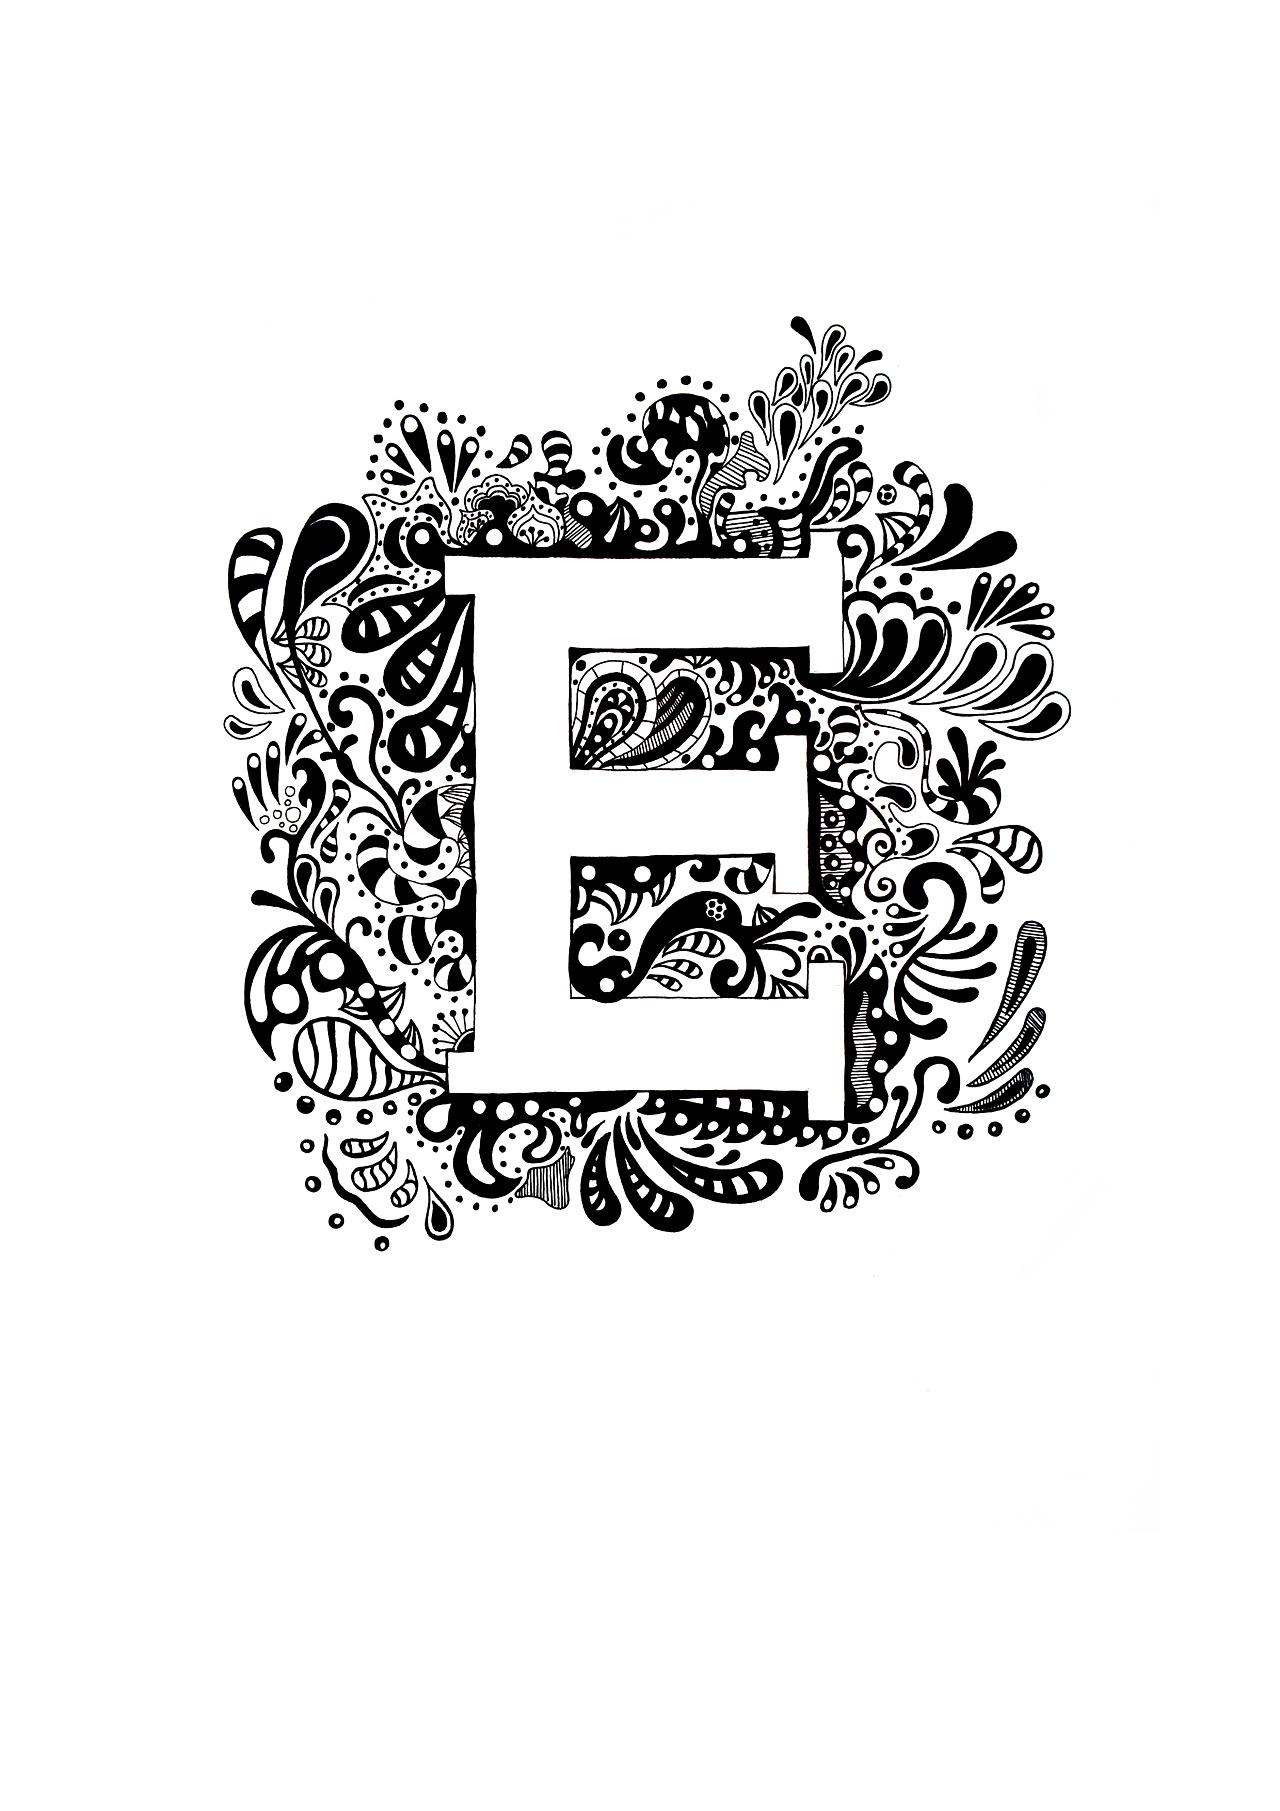 手绘字母插画